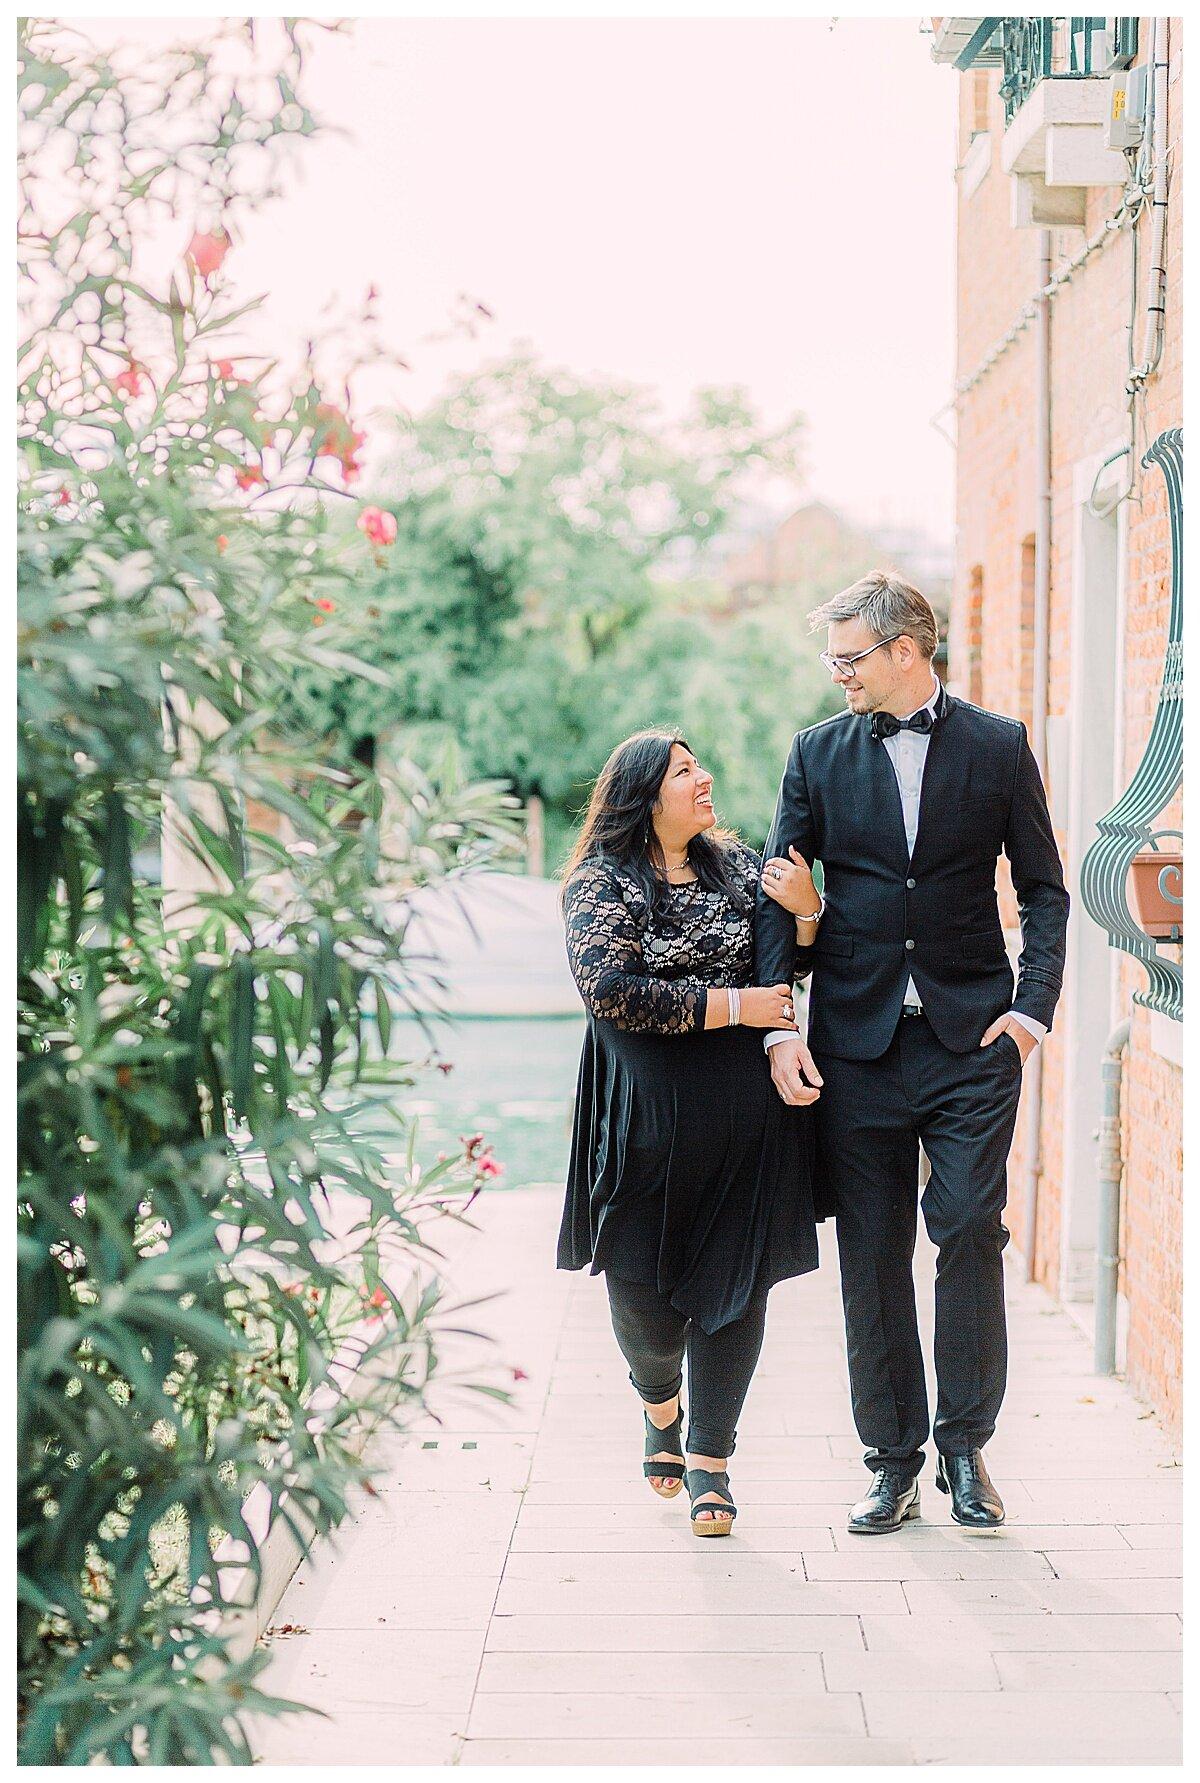 venice-photographer-stefano-degirmenci-couple-photowalk_1230.jpg